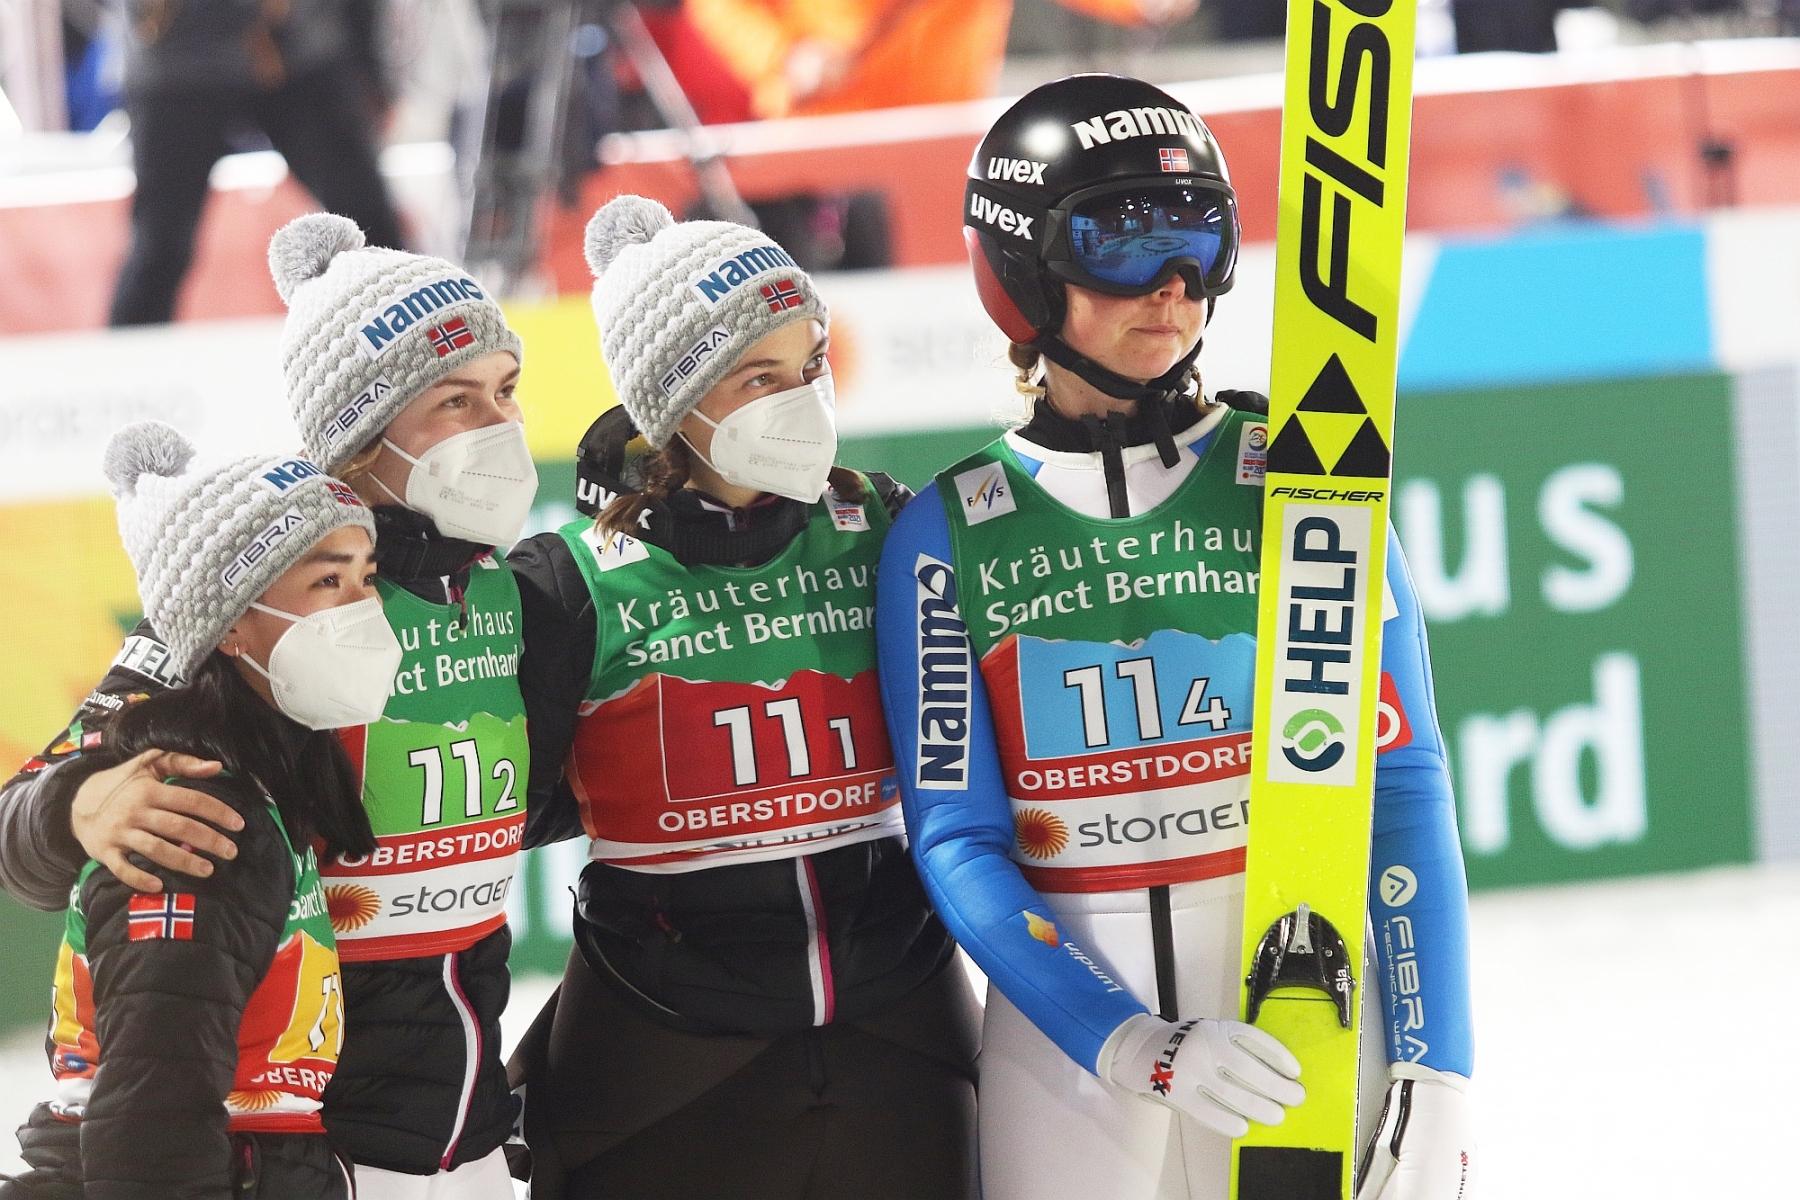 Mistrzostwa Swiata Oberstdorf2021 panieteam fotJuliaPiatkowska 75 - Podwójne COVID-owe standardy? Norweżki obawiają się Słowenek, zero litości dla Włochów